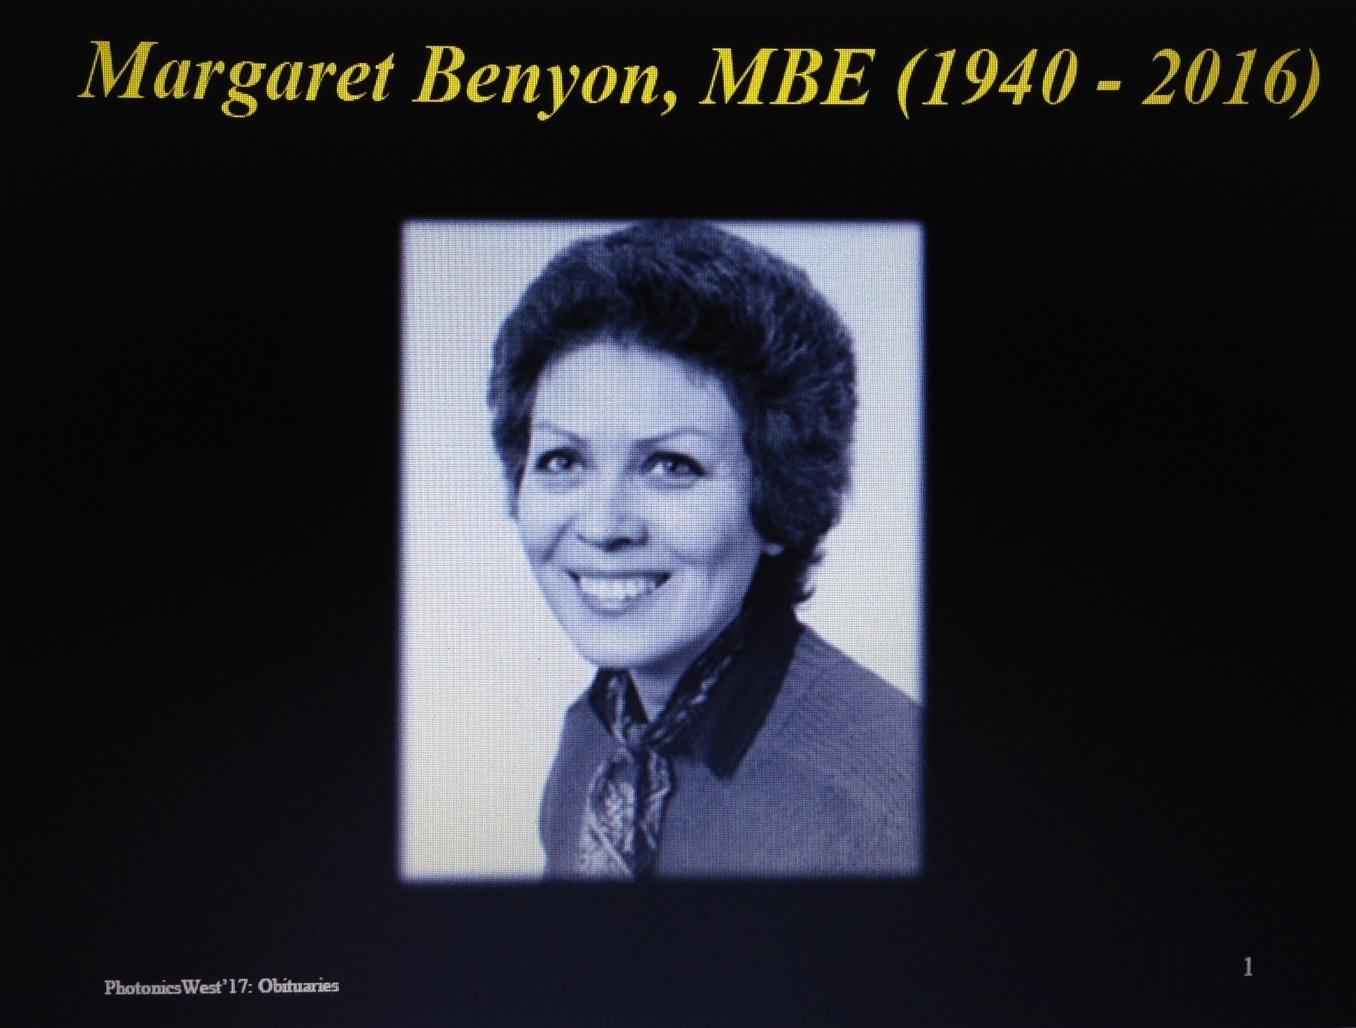 Margaret Benyon